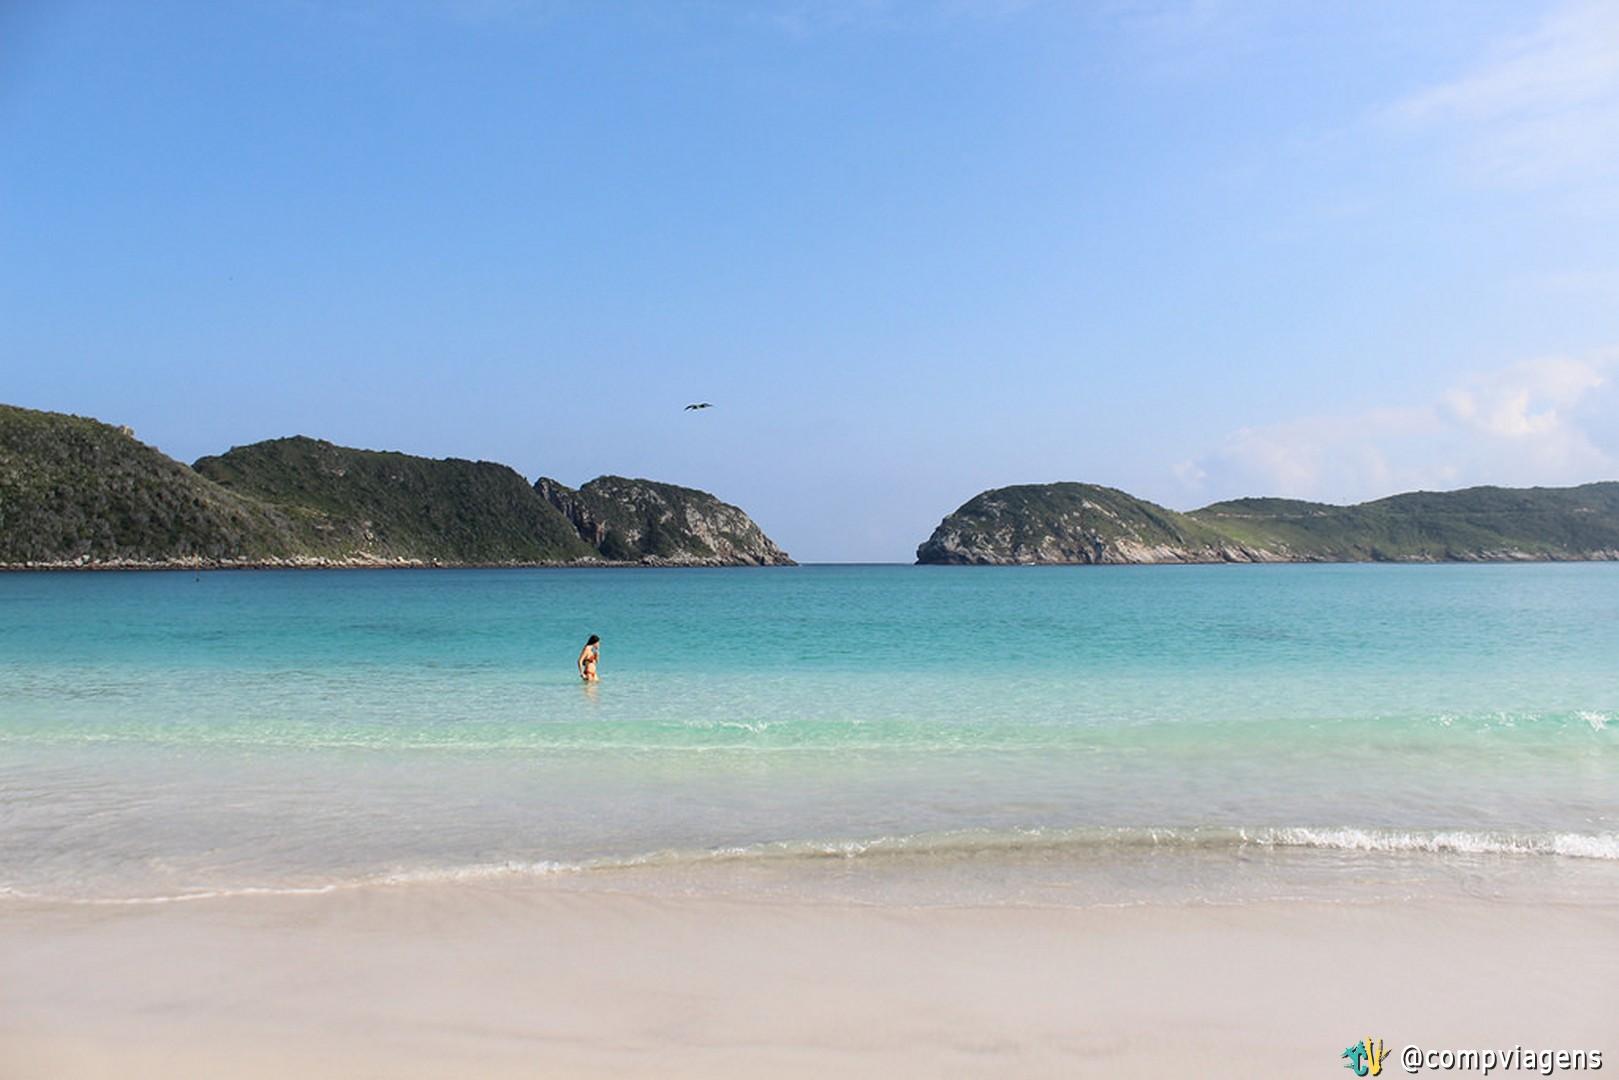 Nadando sozinha na Praia do Farol